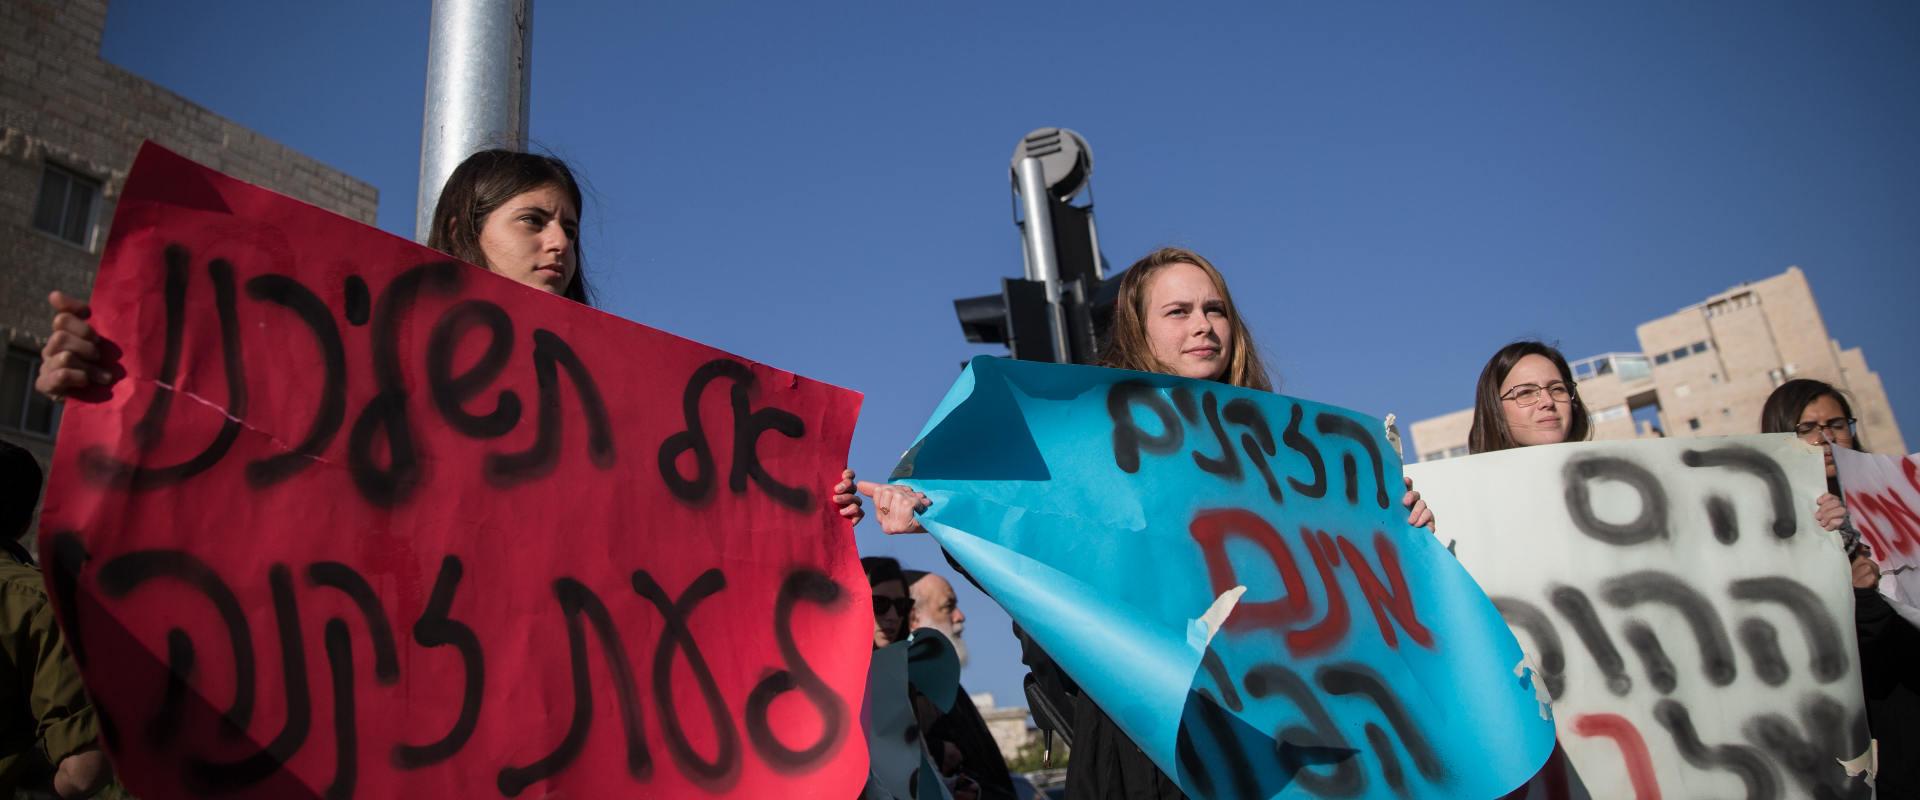 הפגנה נגד הזנחת קשישים מול משרד הבריאות, בתחילת הש